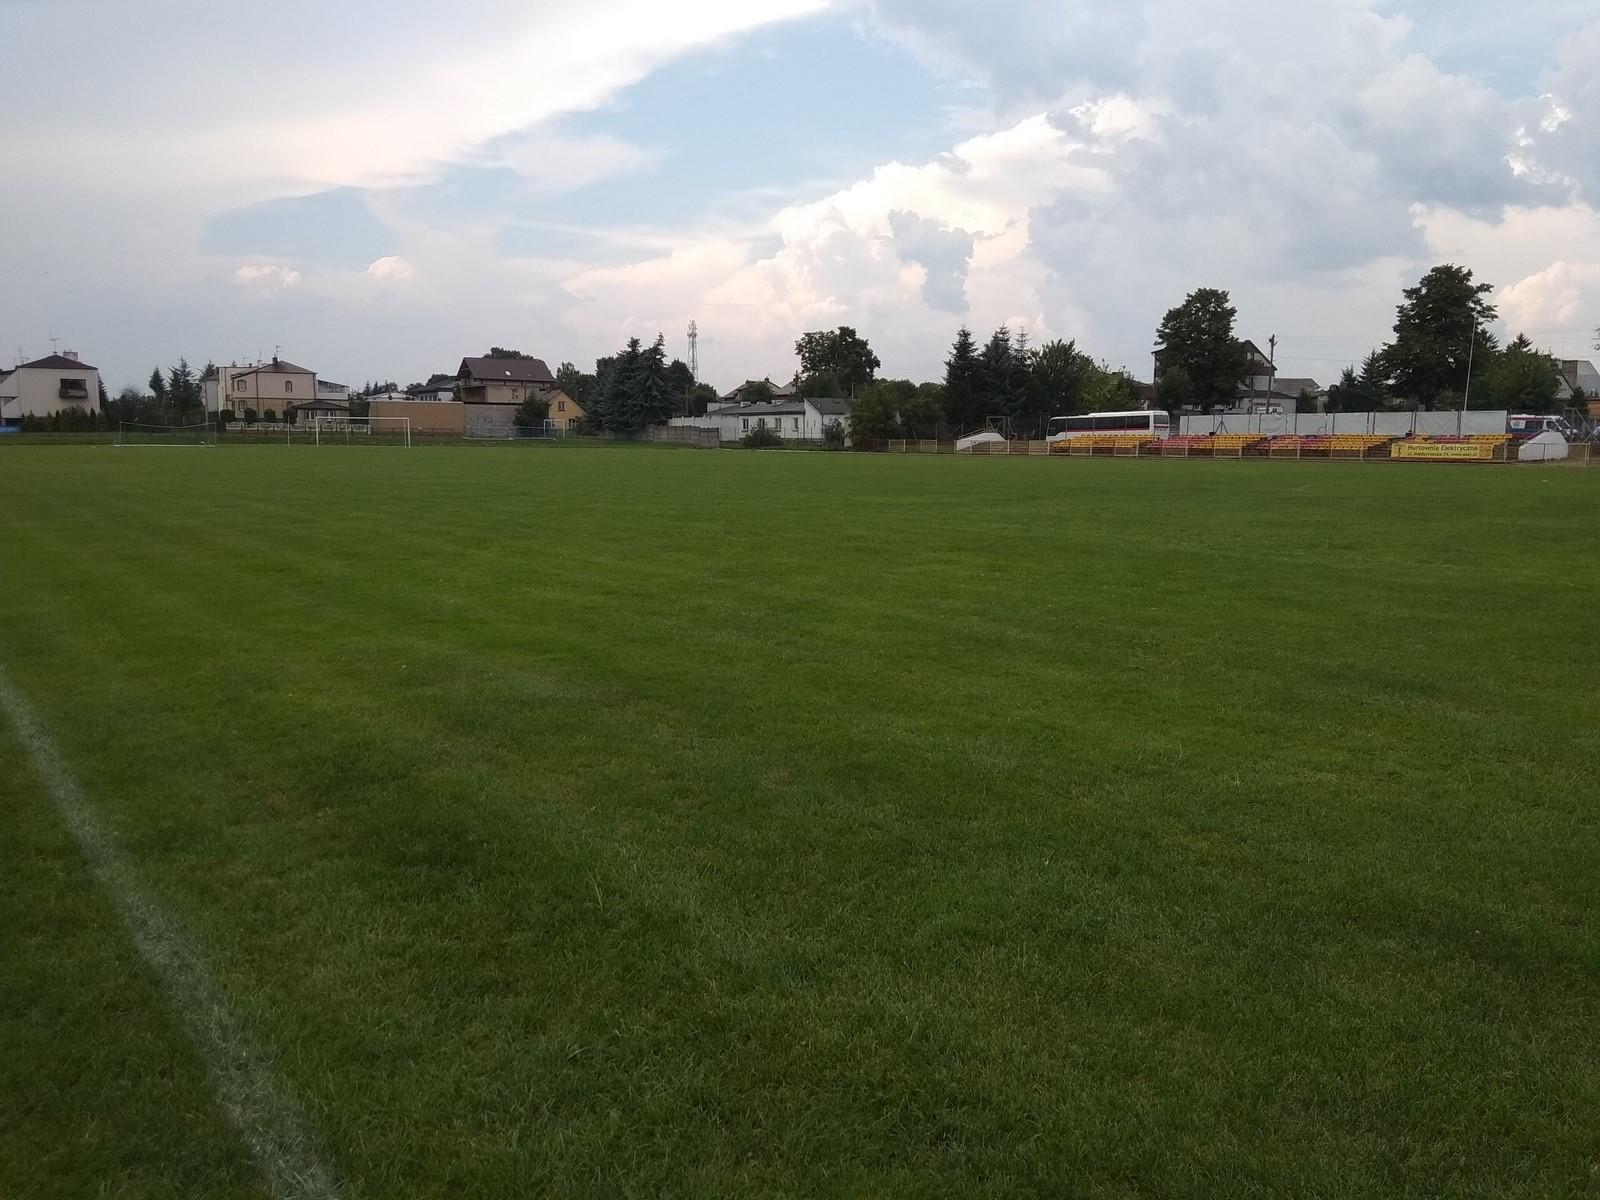 stadion009